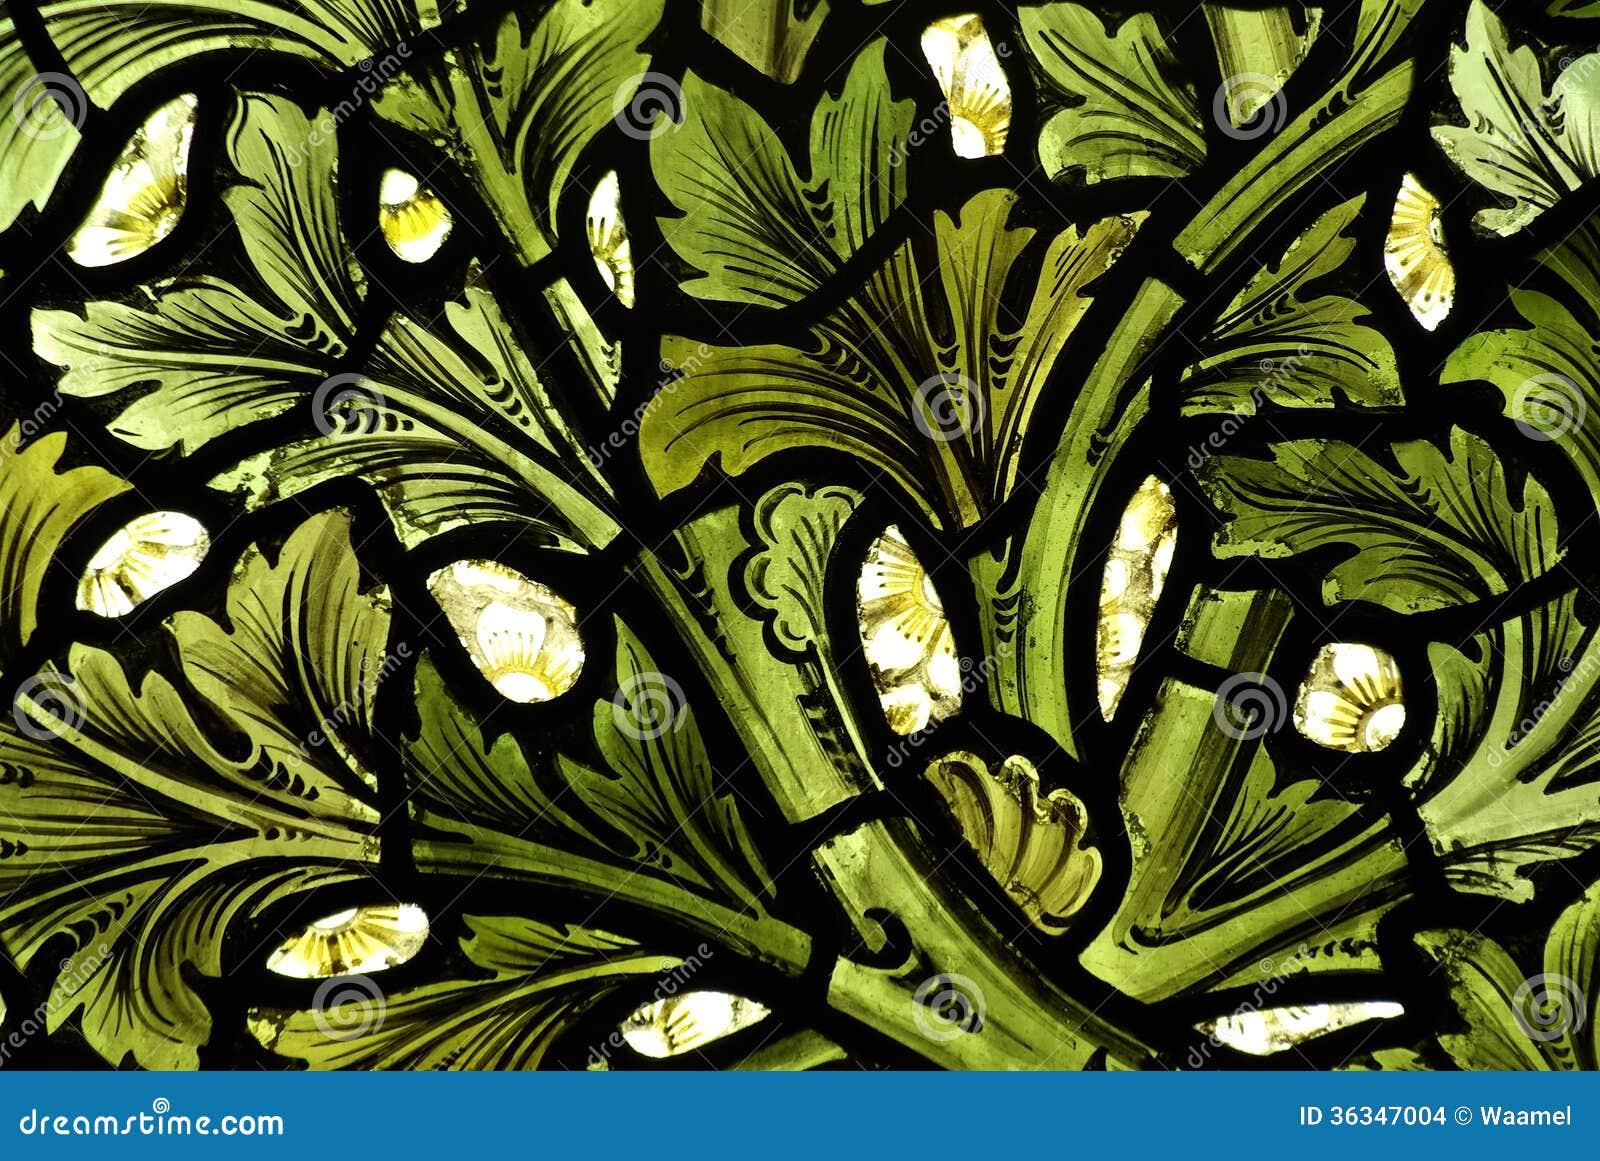 Το σχέδιο βγάζει φύλλα στο λεκιασμένο γυαλί